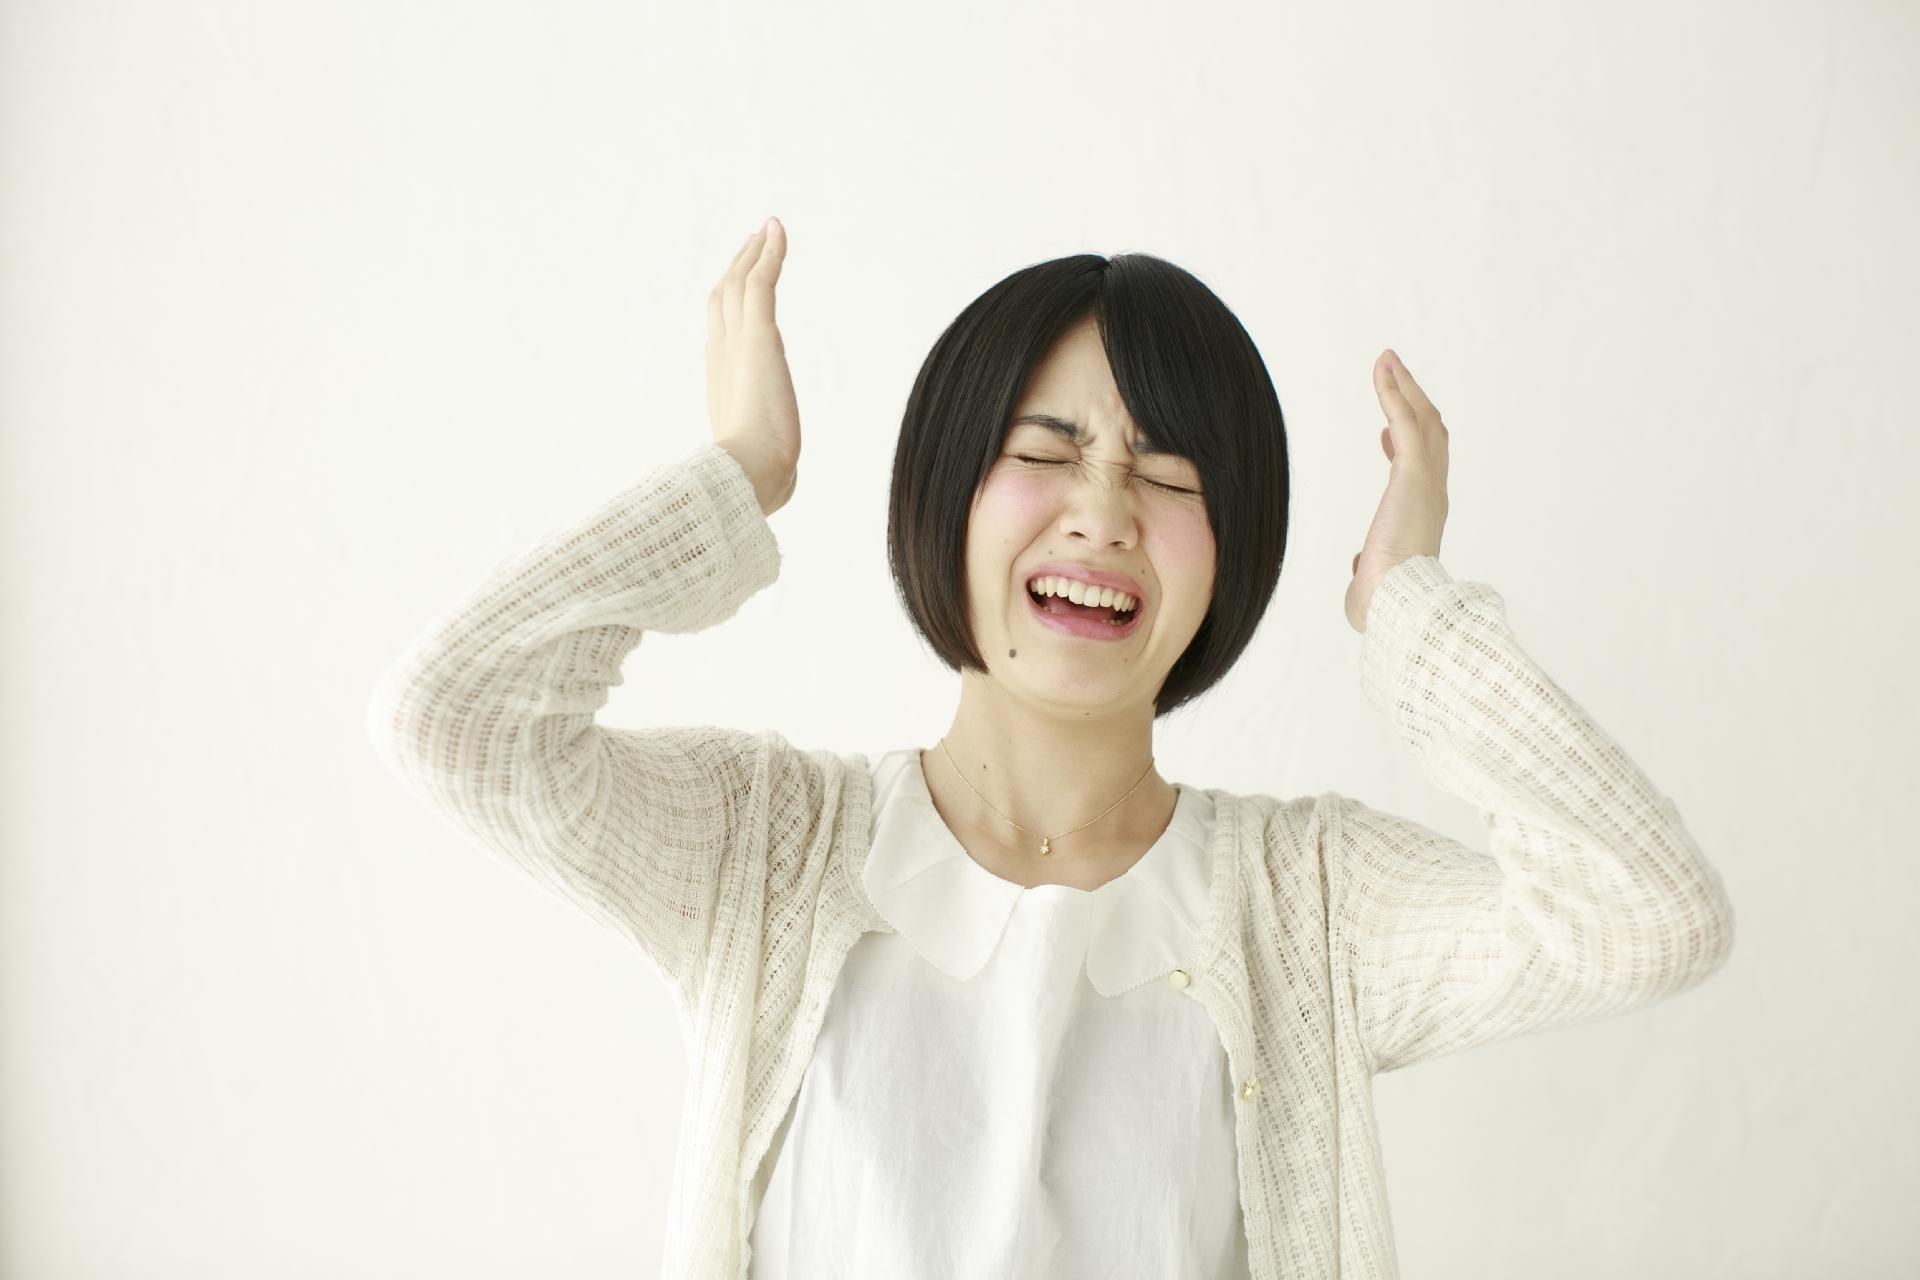 寝言をはっきり喋る意味や特徴とは。ストレスや病気が原因?